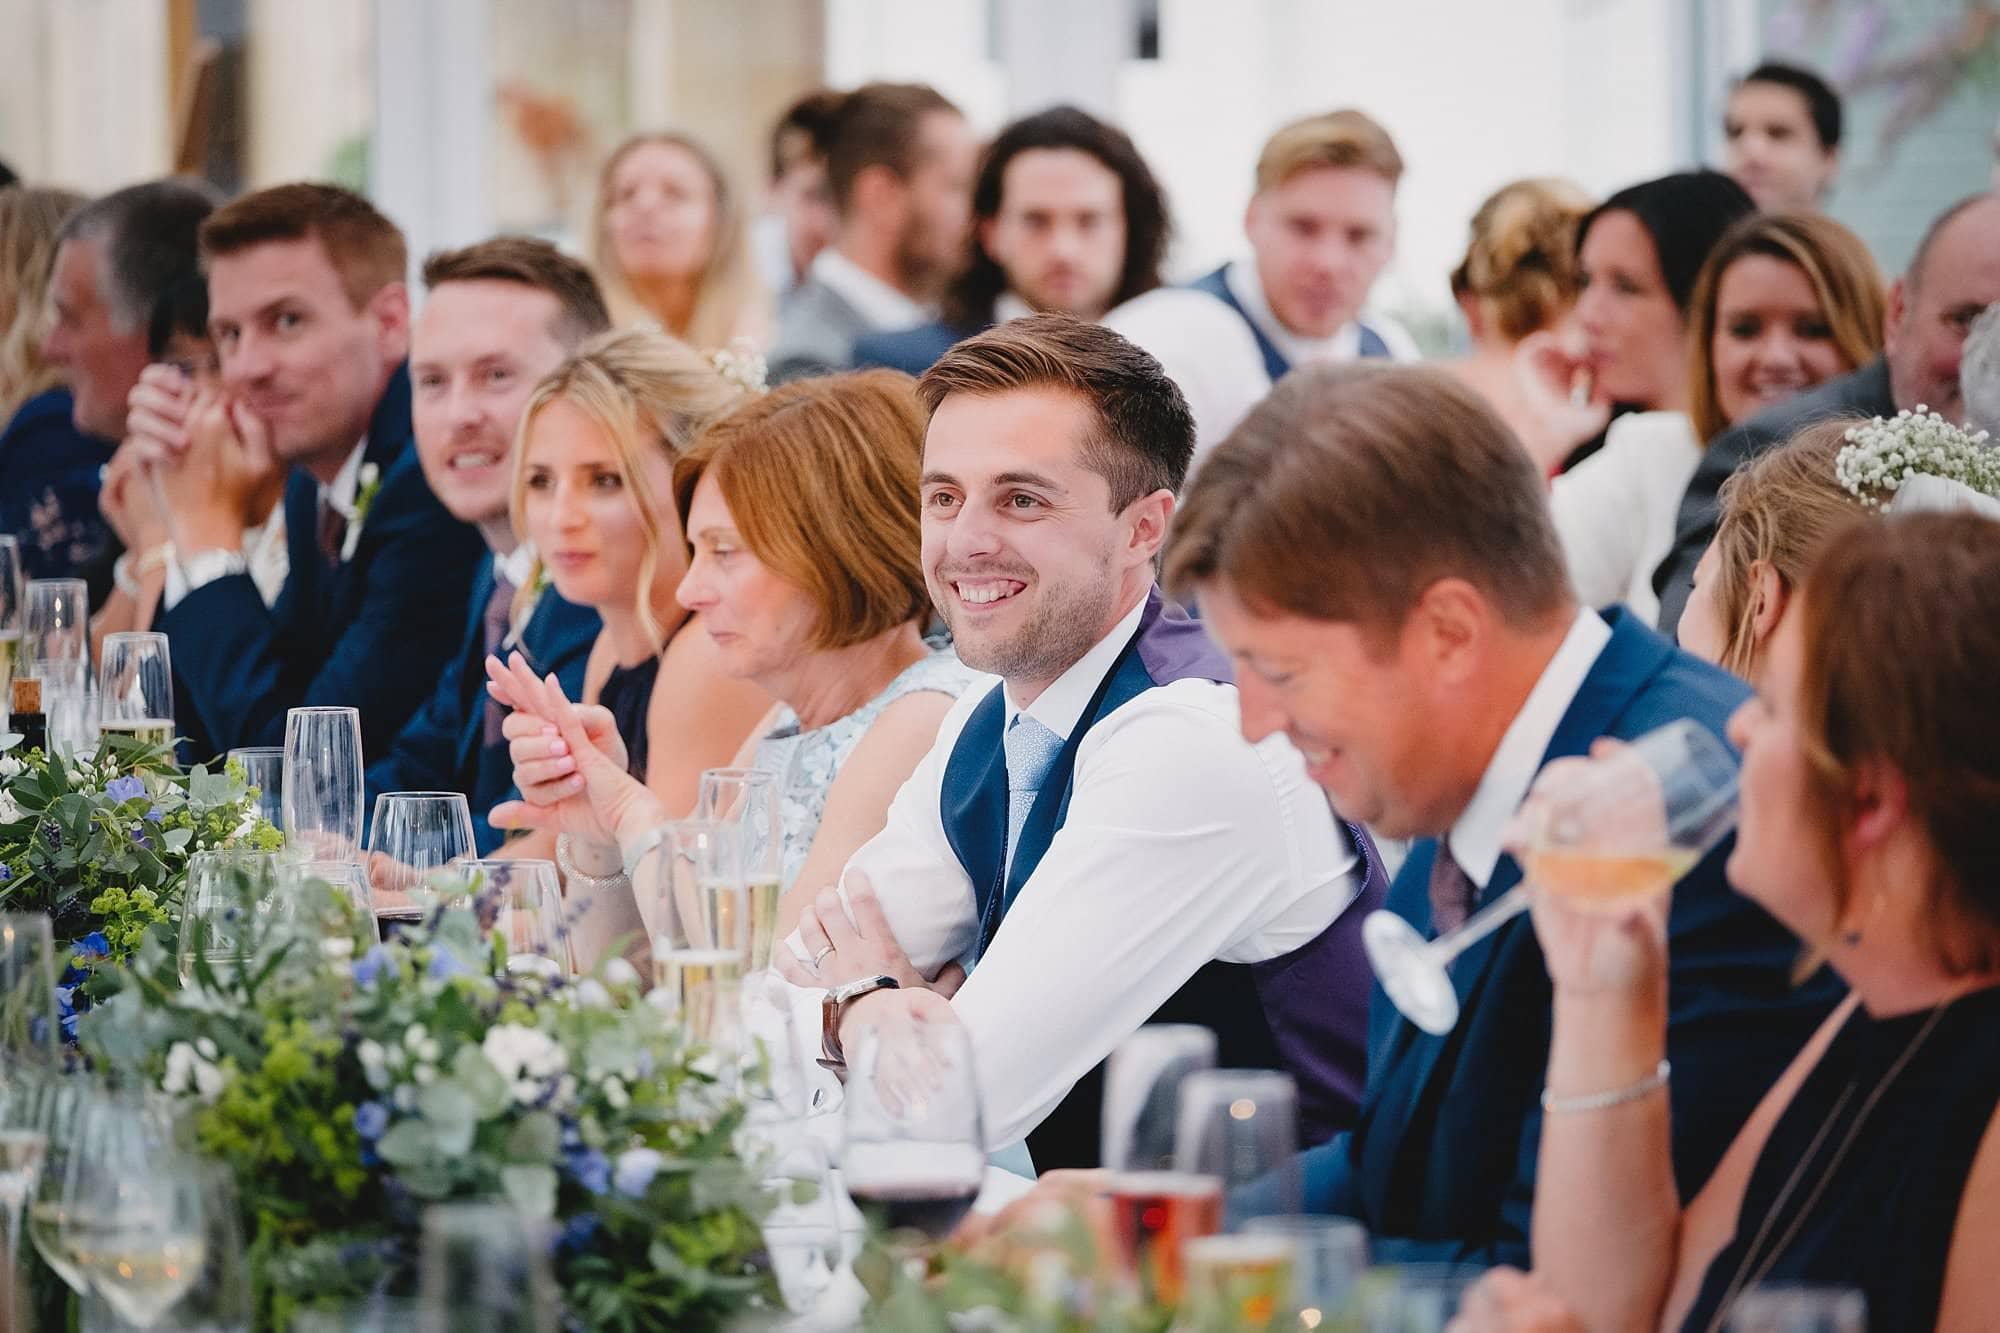 ashtead london wedding photographer 070 - Rachel & Jonny's Ashtead Wedding